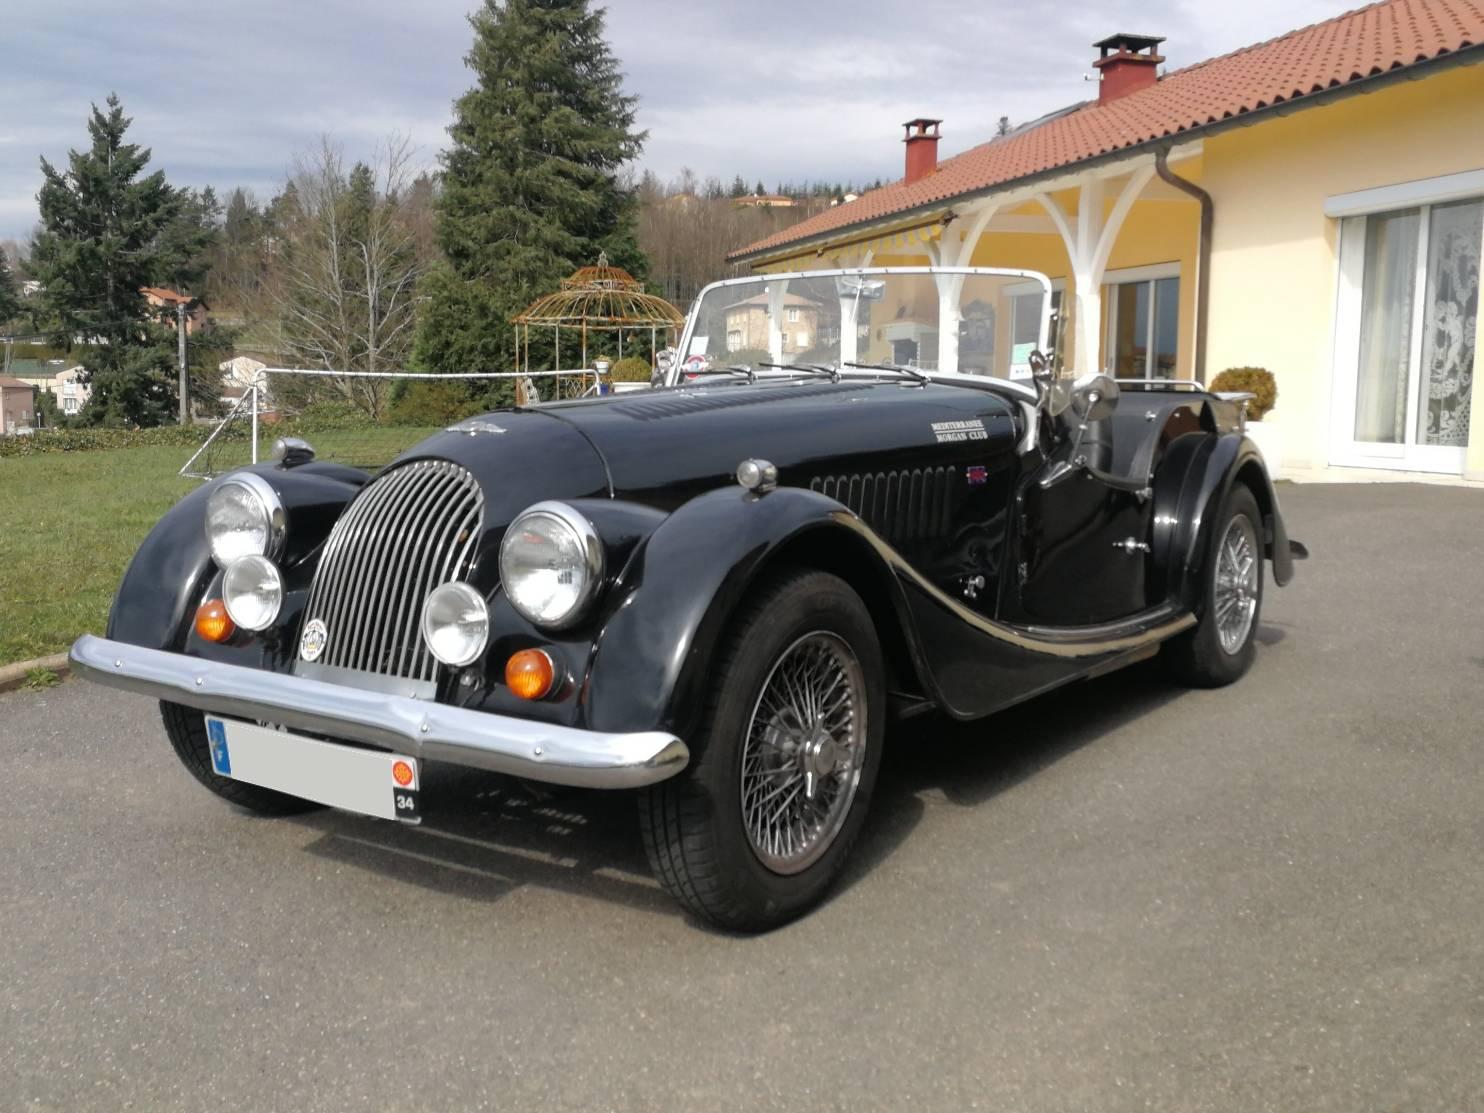 Morgan 4/4 1600 (1978) für EUR 27.500 kaufen